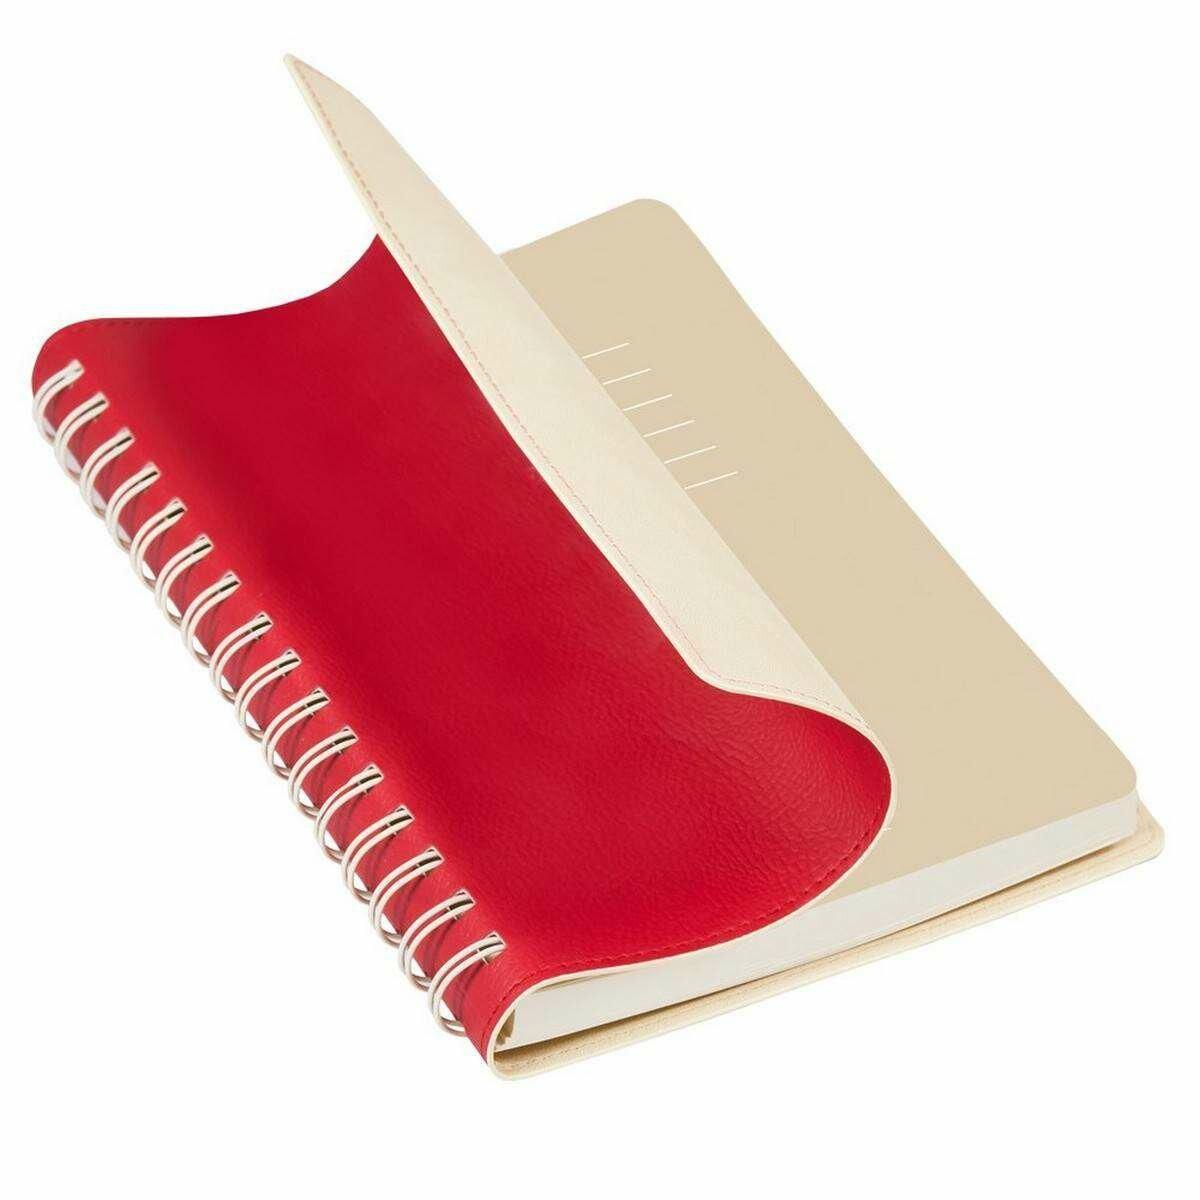 Ежедневник недатированный Portobello Trend Vista, А5, 128 листов, красный/бежевый